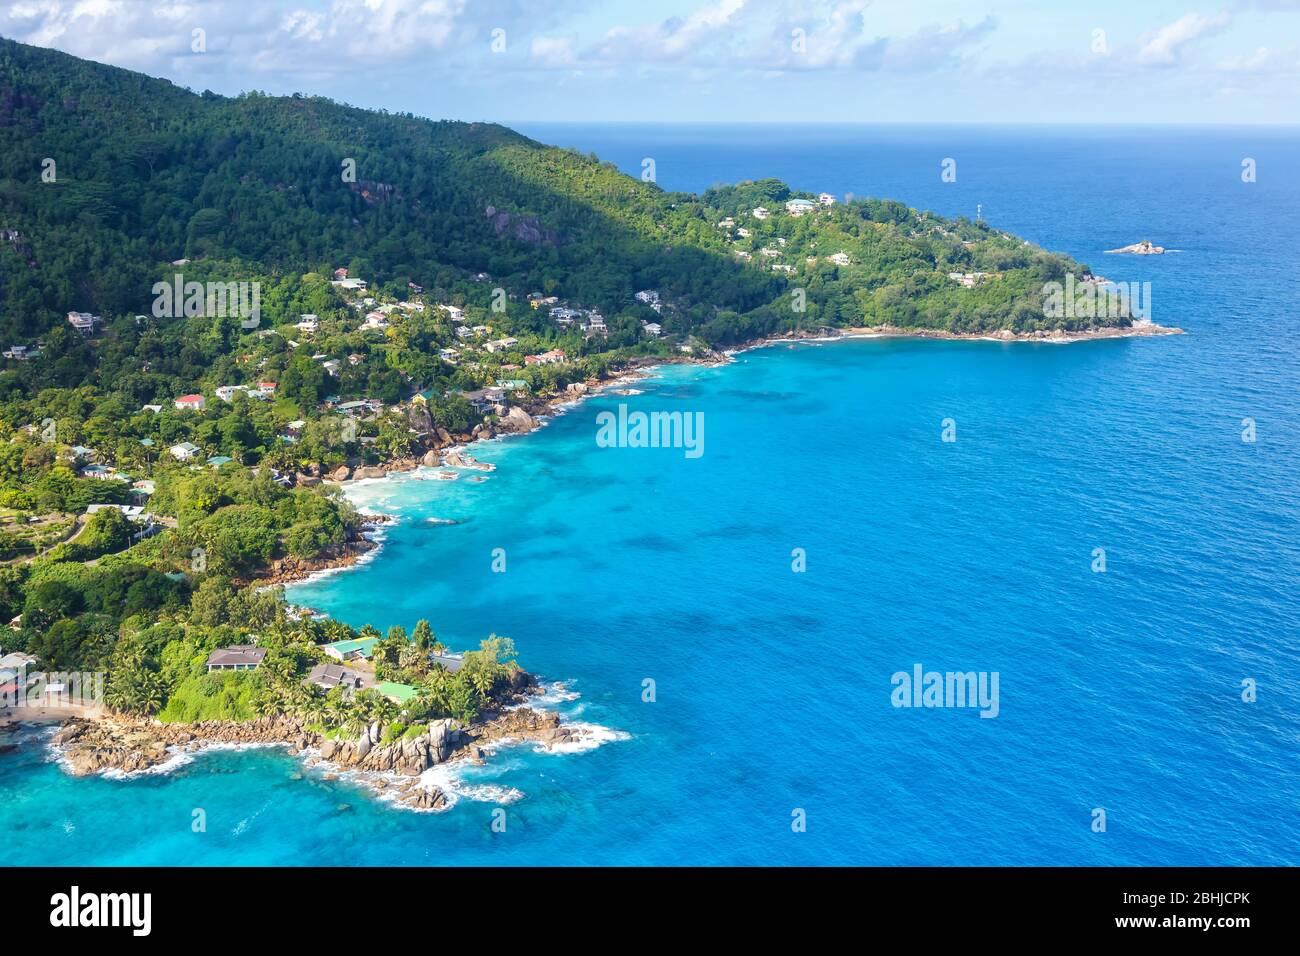 Seychelles paisaje villa de lujo playa Mahe vacaciones océano vista aérea foto viaje Foto de stock